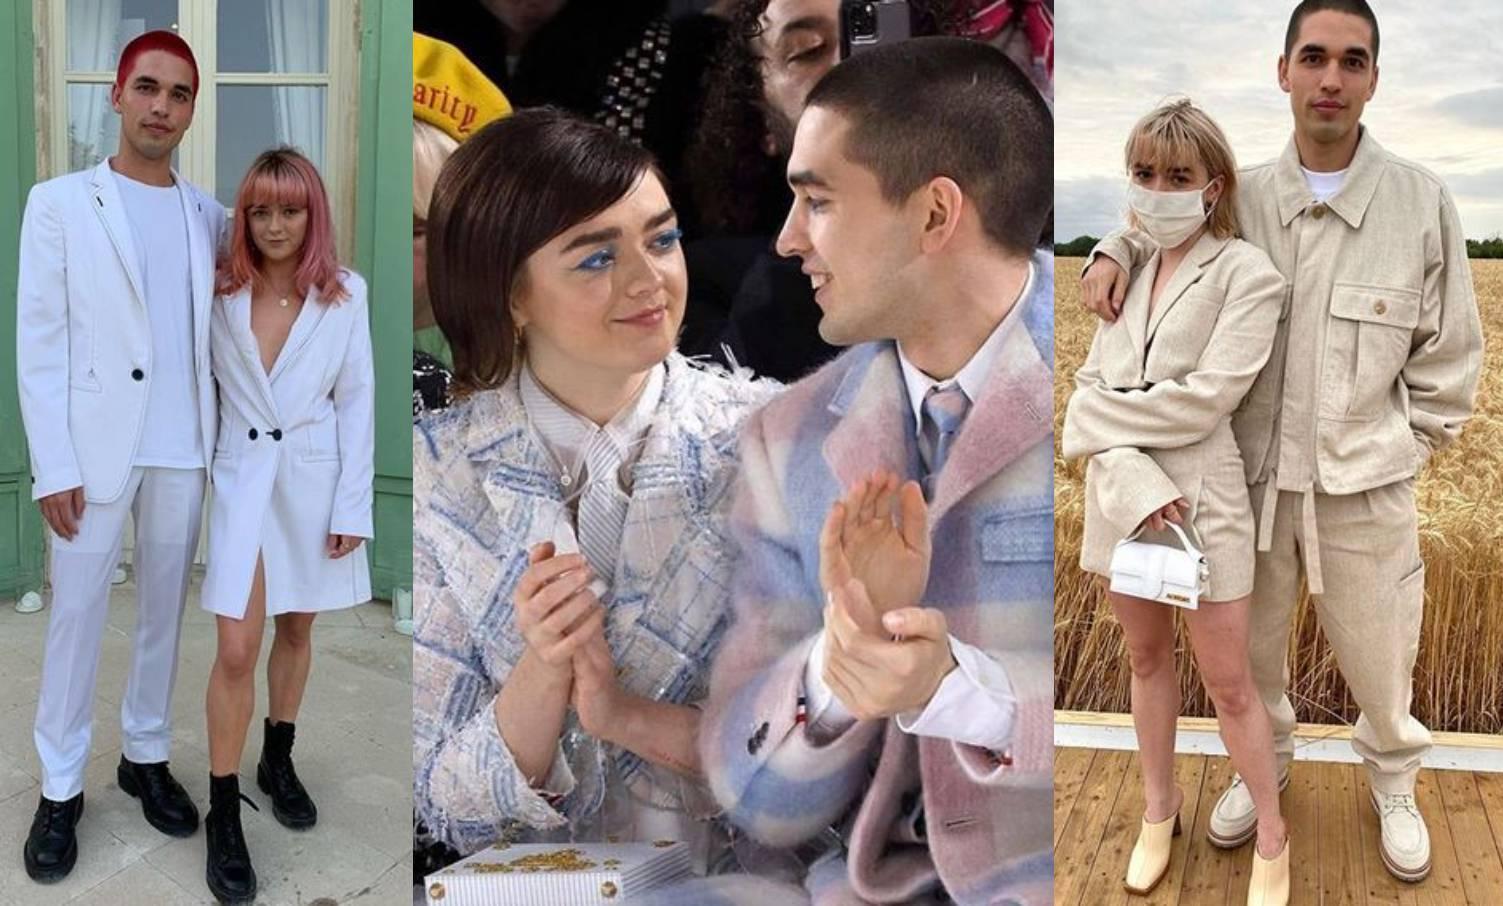 Baš su stylish: Maisie Williams i Reuben Selby nose slične odjevne kombinacije i boje